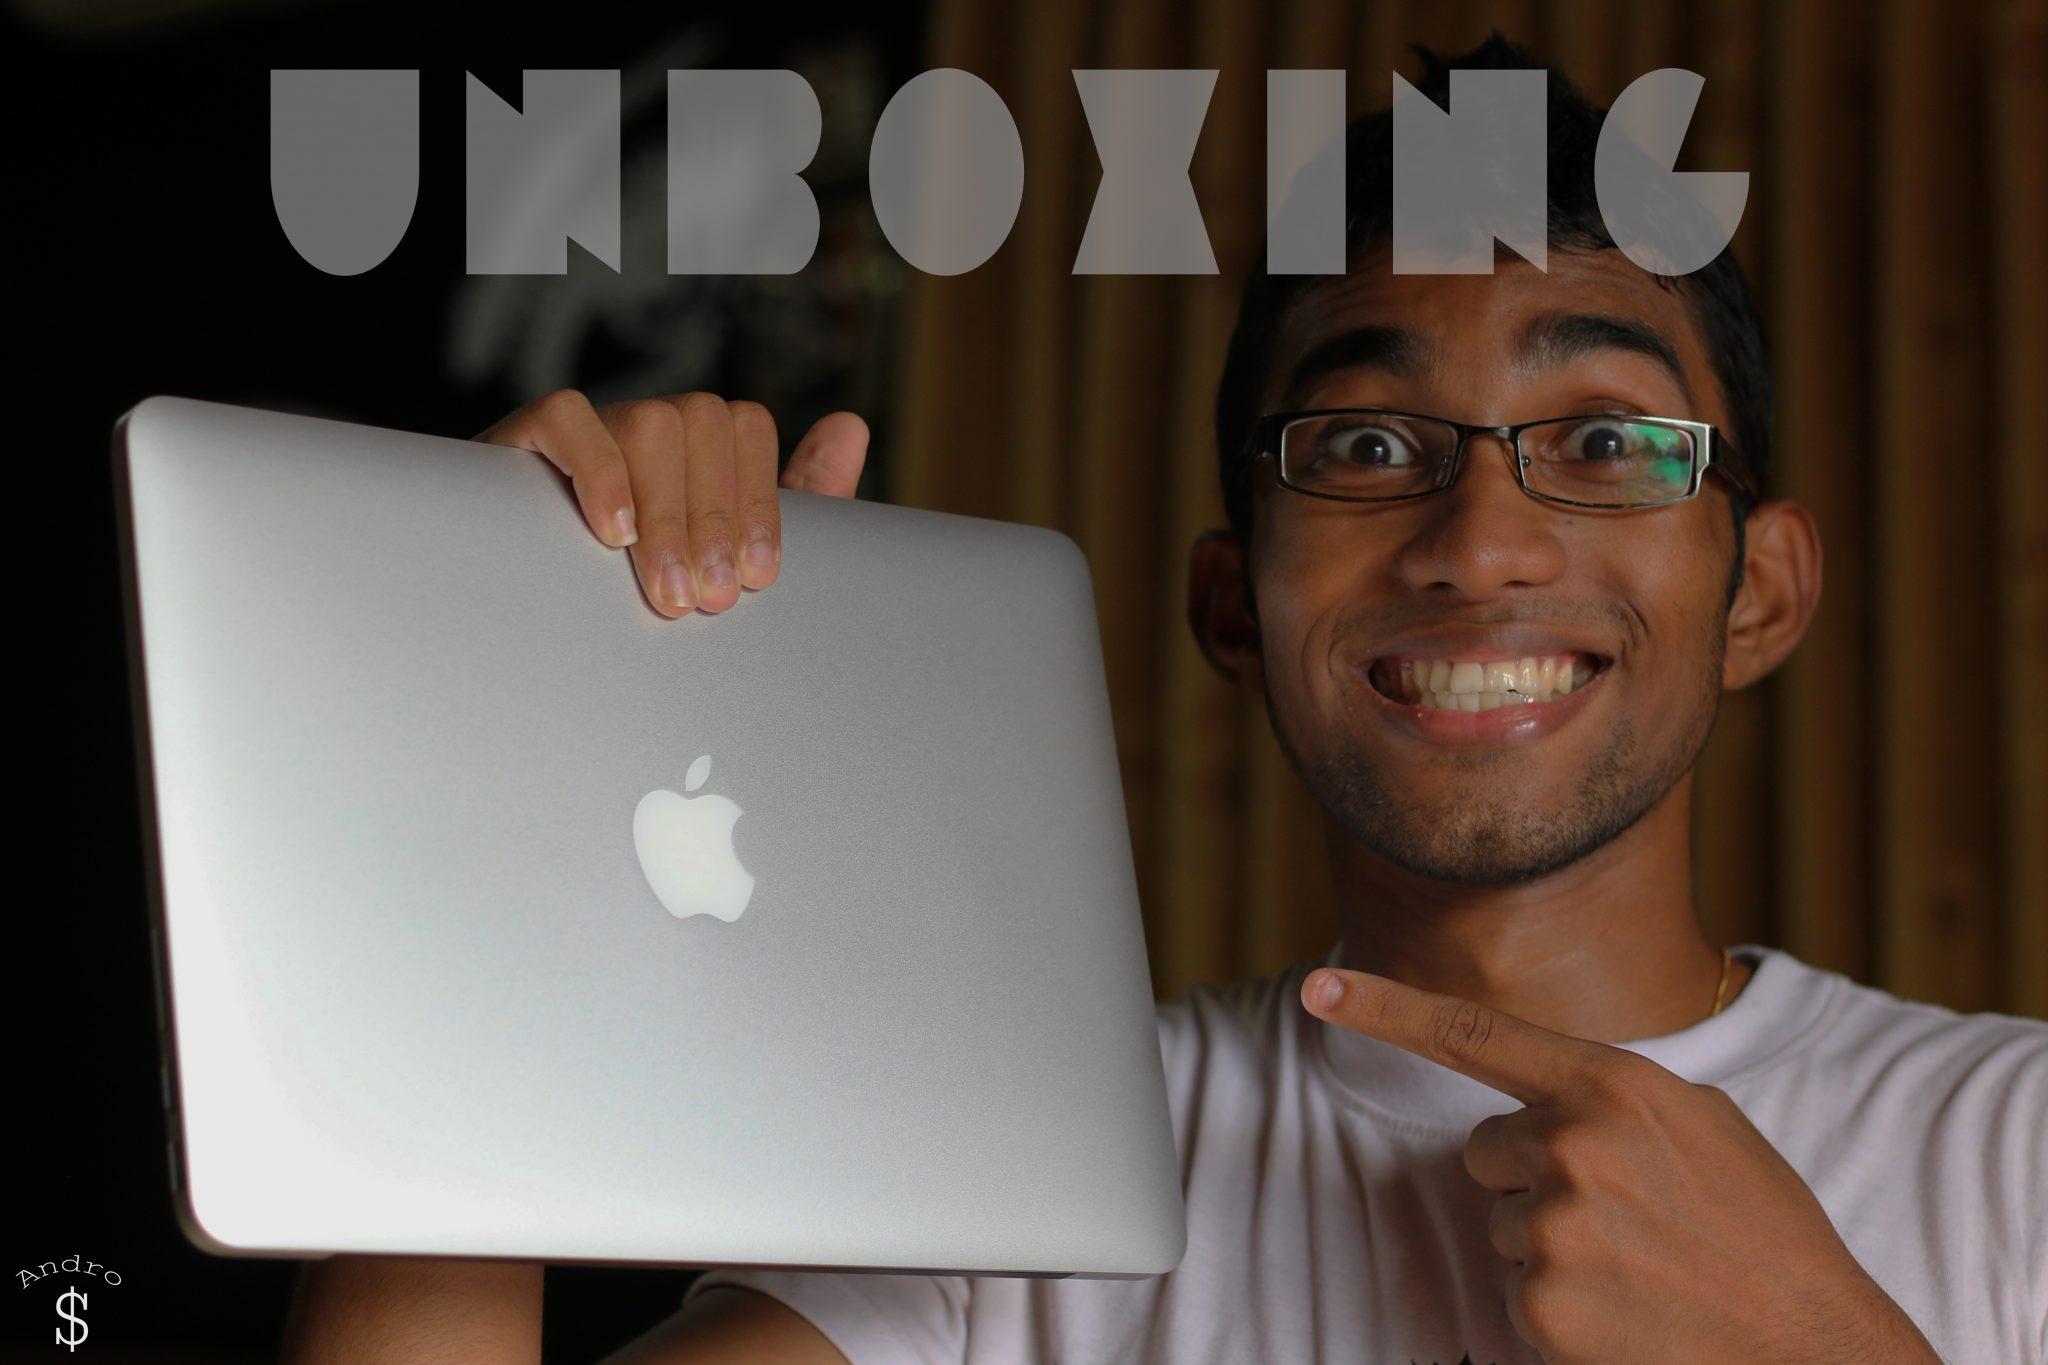 Macbook pro 13 unboxing